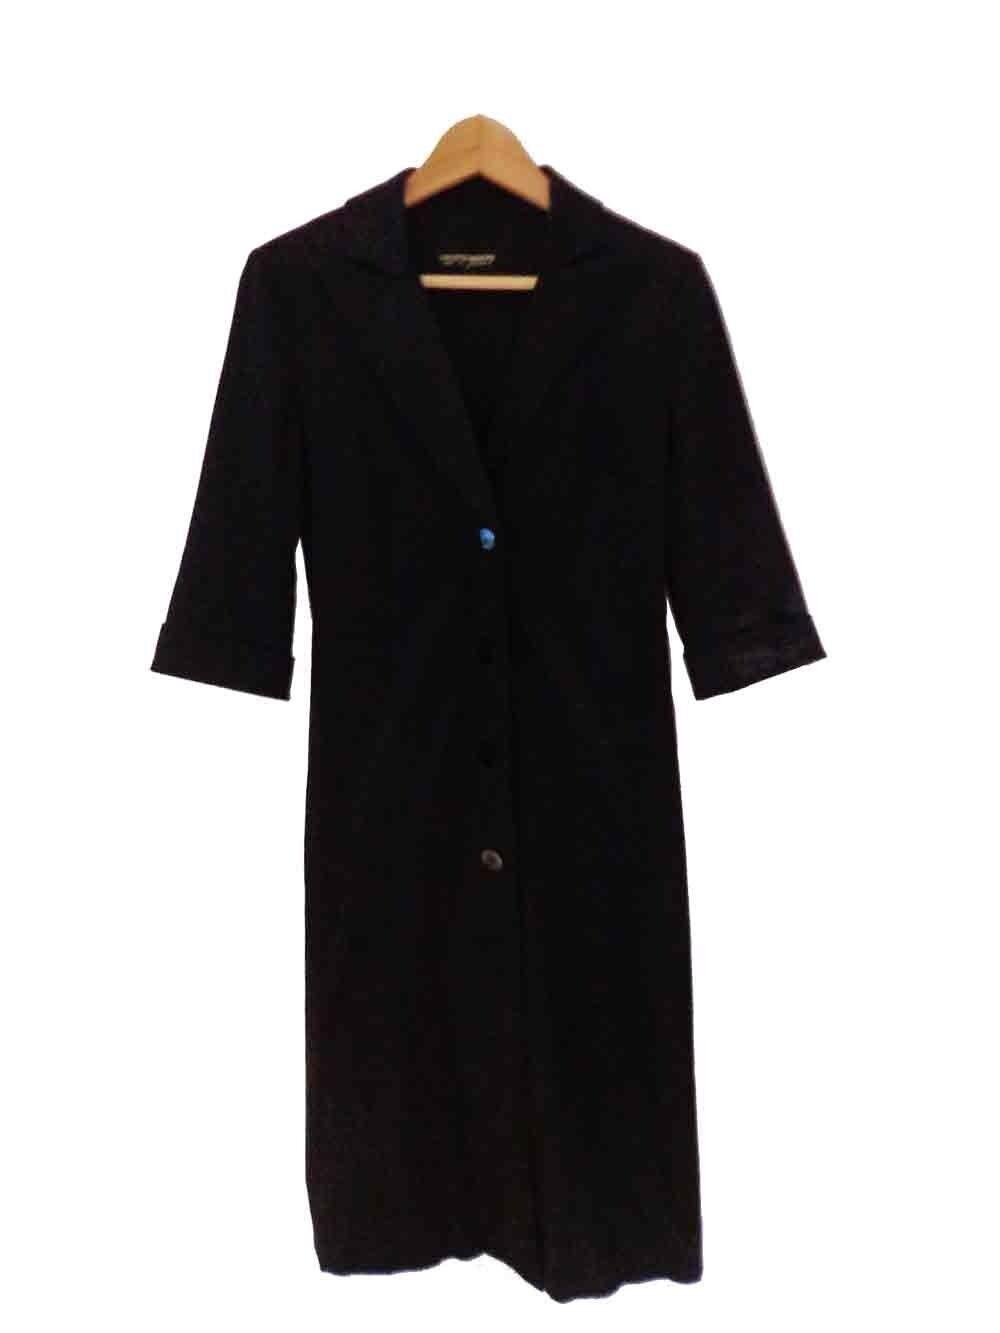 Diseñador  Collette Dinnigan de colección Negro Talla Pequeña impresionante abrigo para mujer  mejor calidad